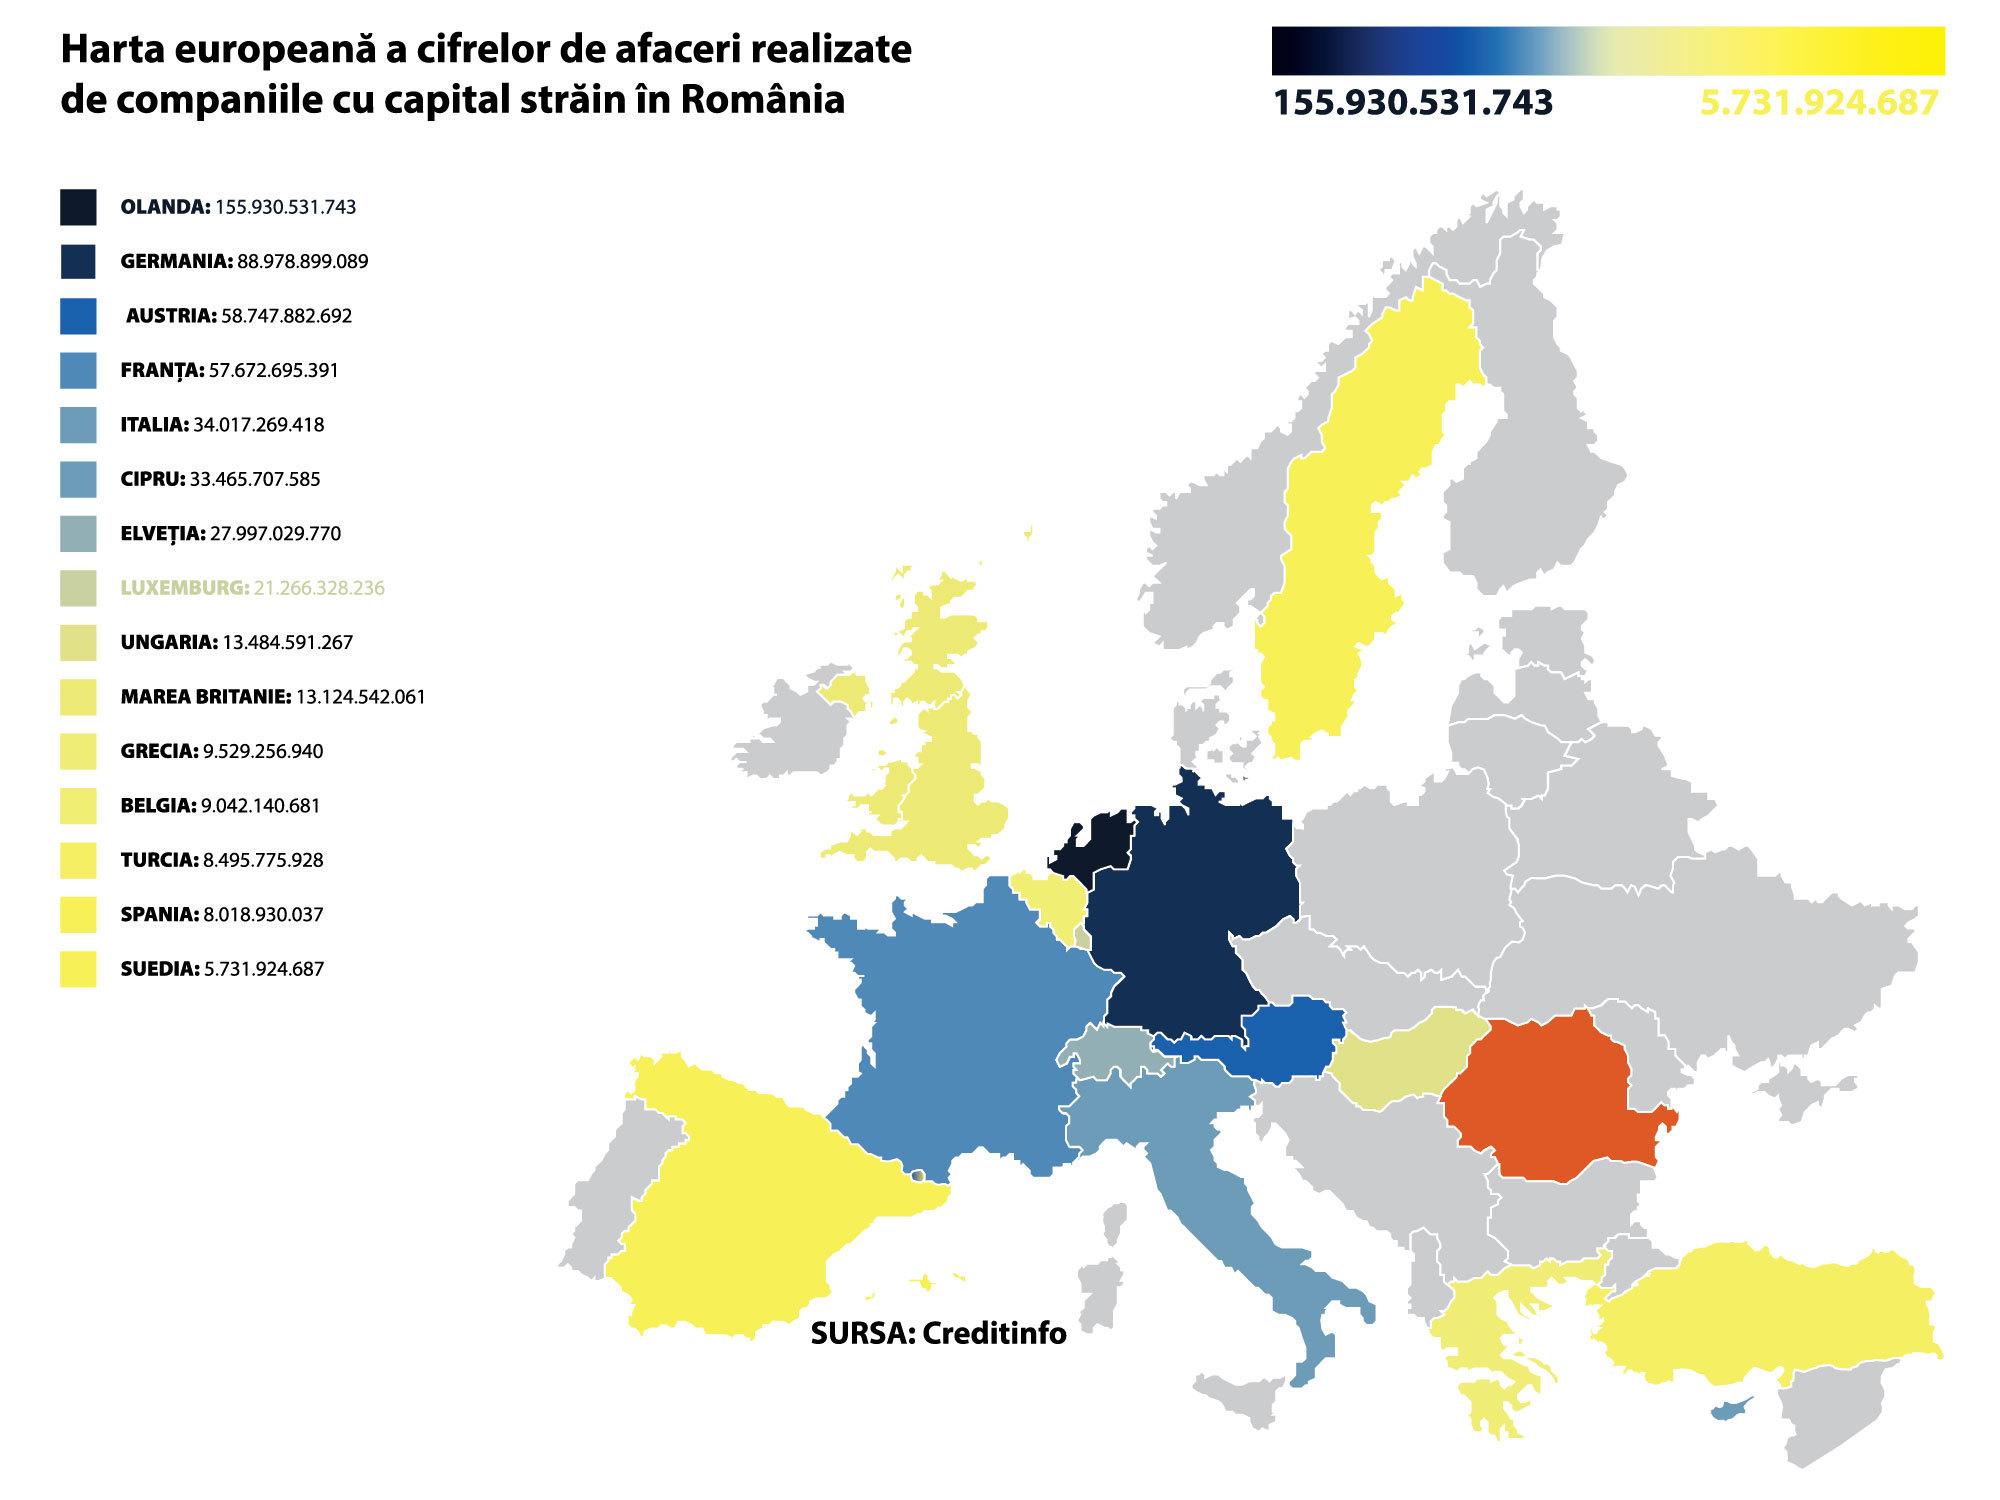 Harta-europeanu-cifre-de-afaceri-Creditinfo